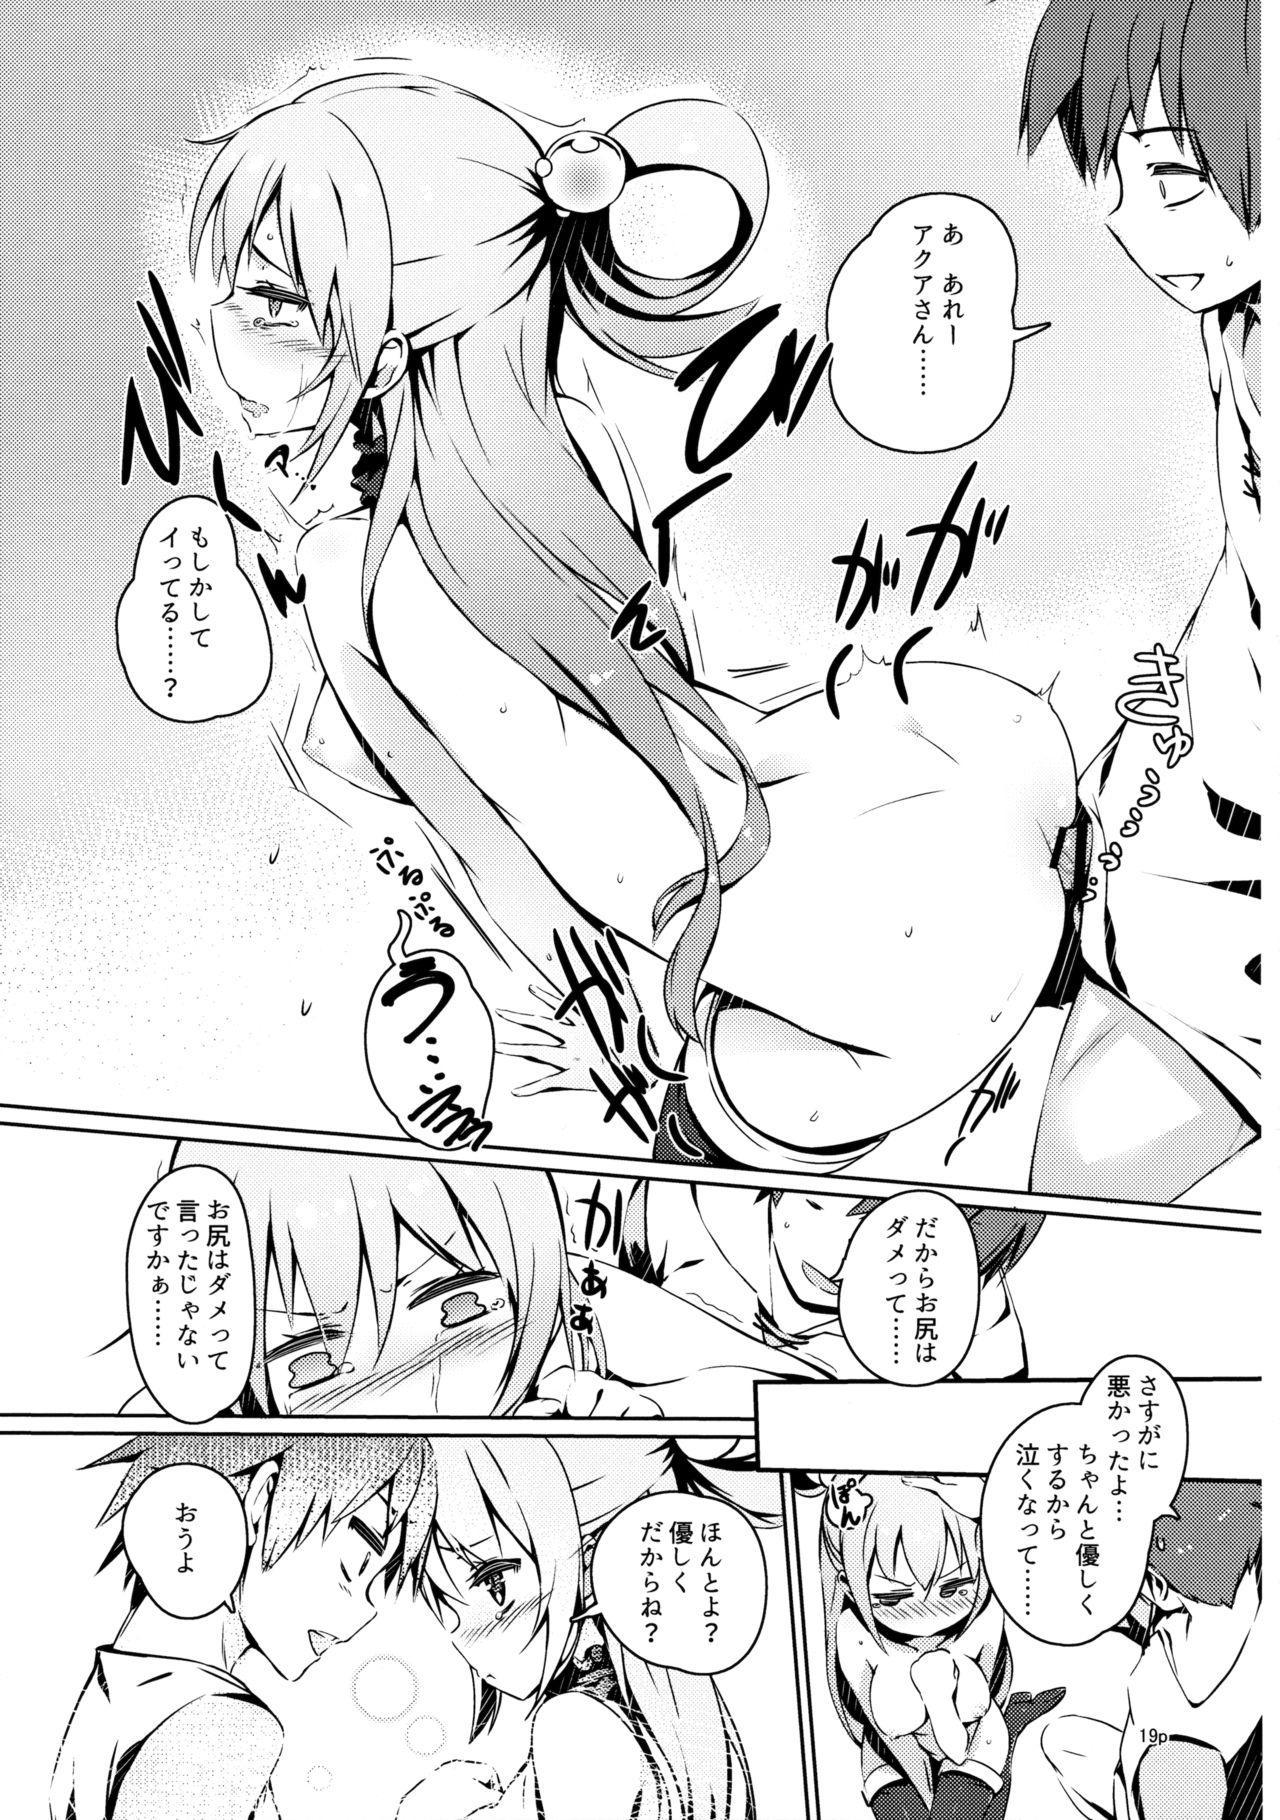 Kono Nikutarashii Megami no Icha Love o! 17